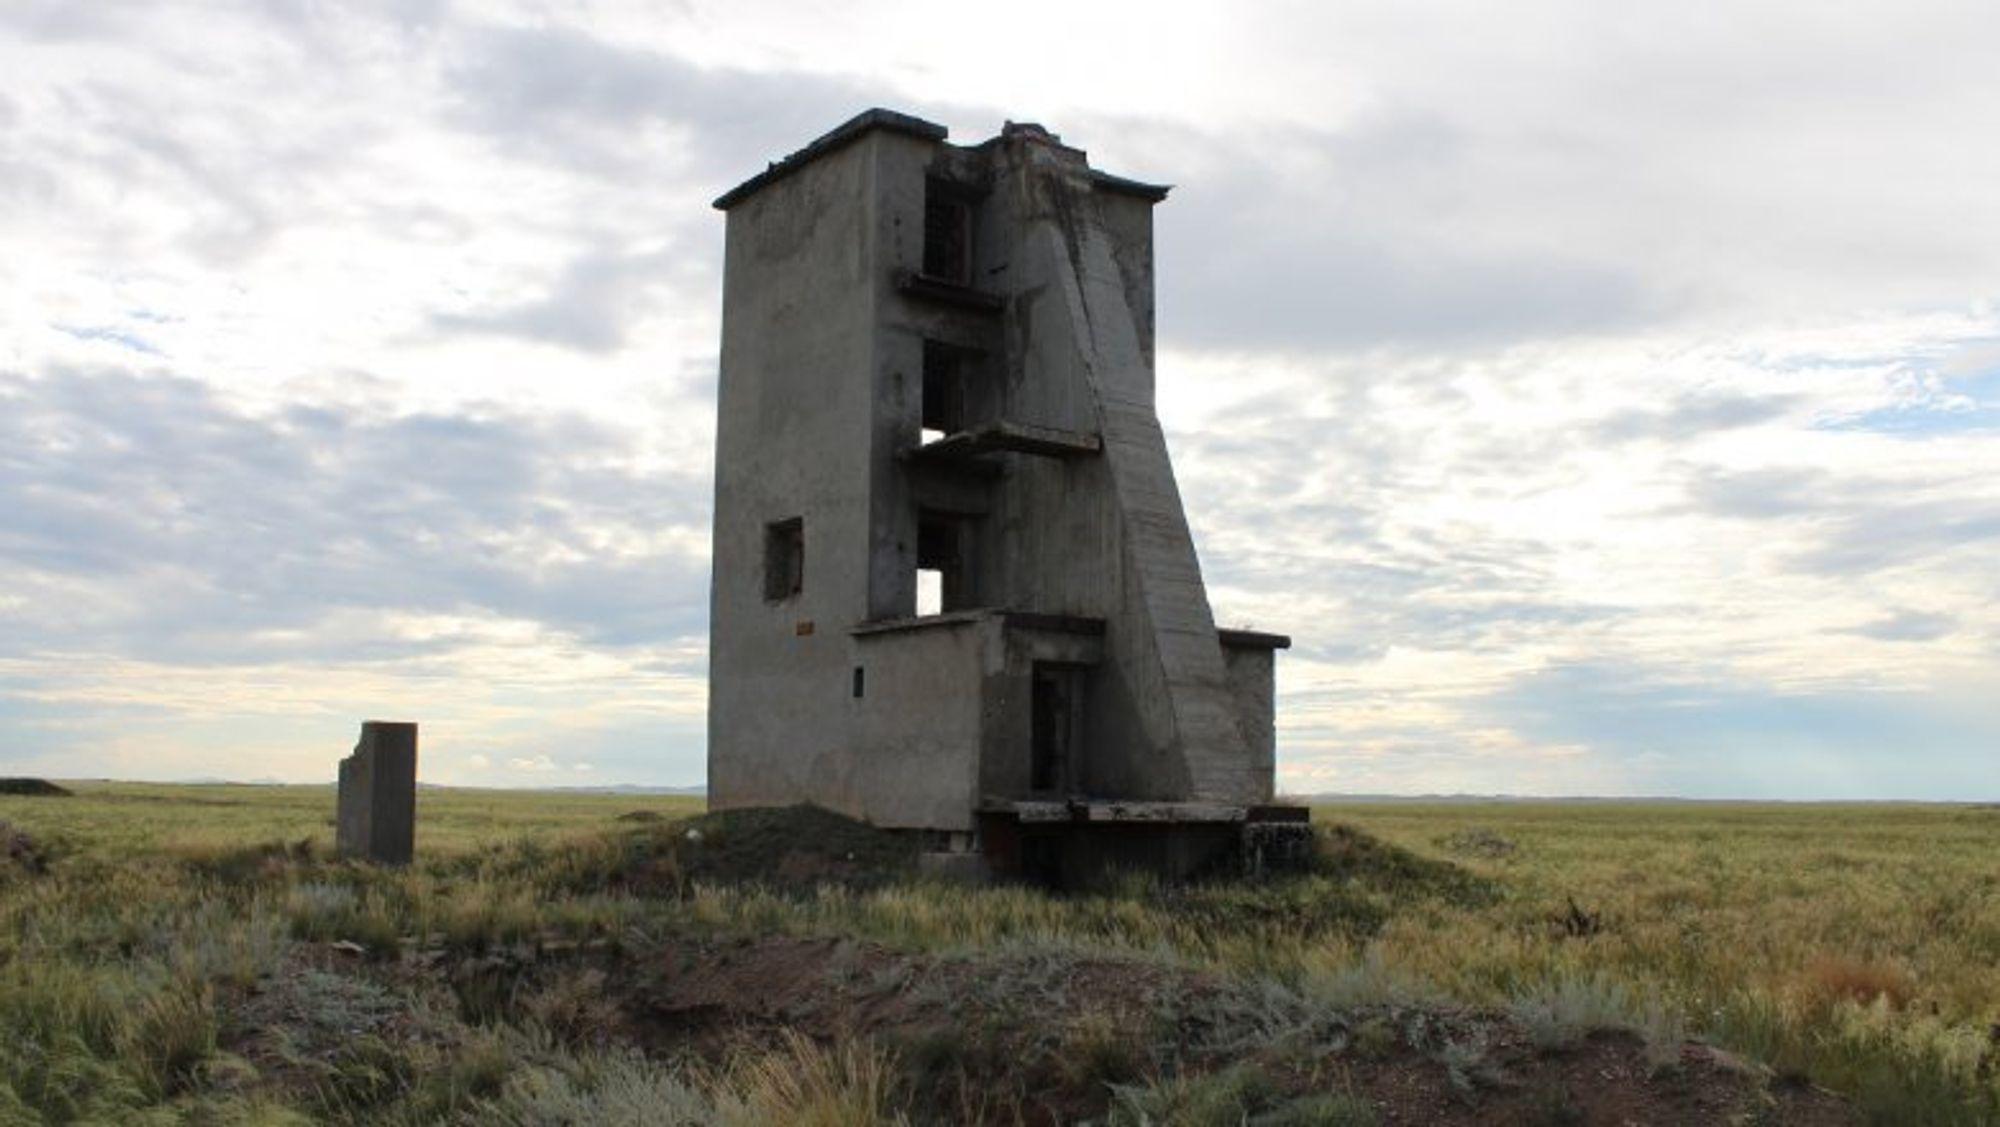 I perioden 1949 til 1989 gjennomførte Sovjetunionen 456 kjernefysiske prøvesprengninger i den østlige kasakhstanske provinsen Semipalatinsk.